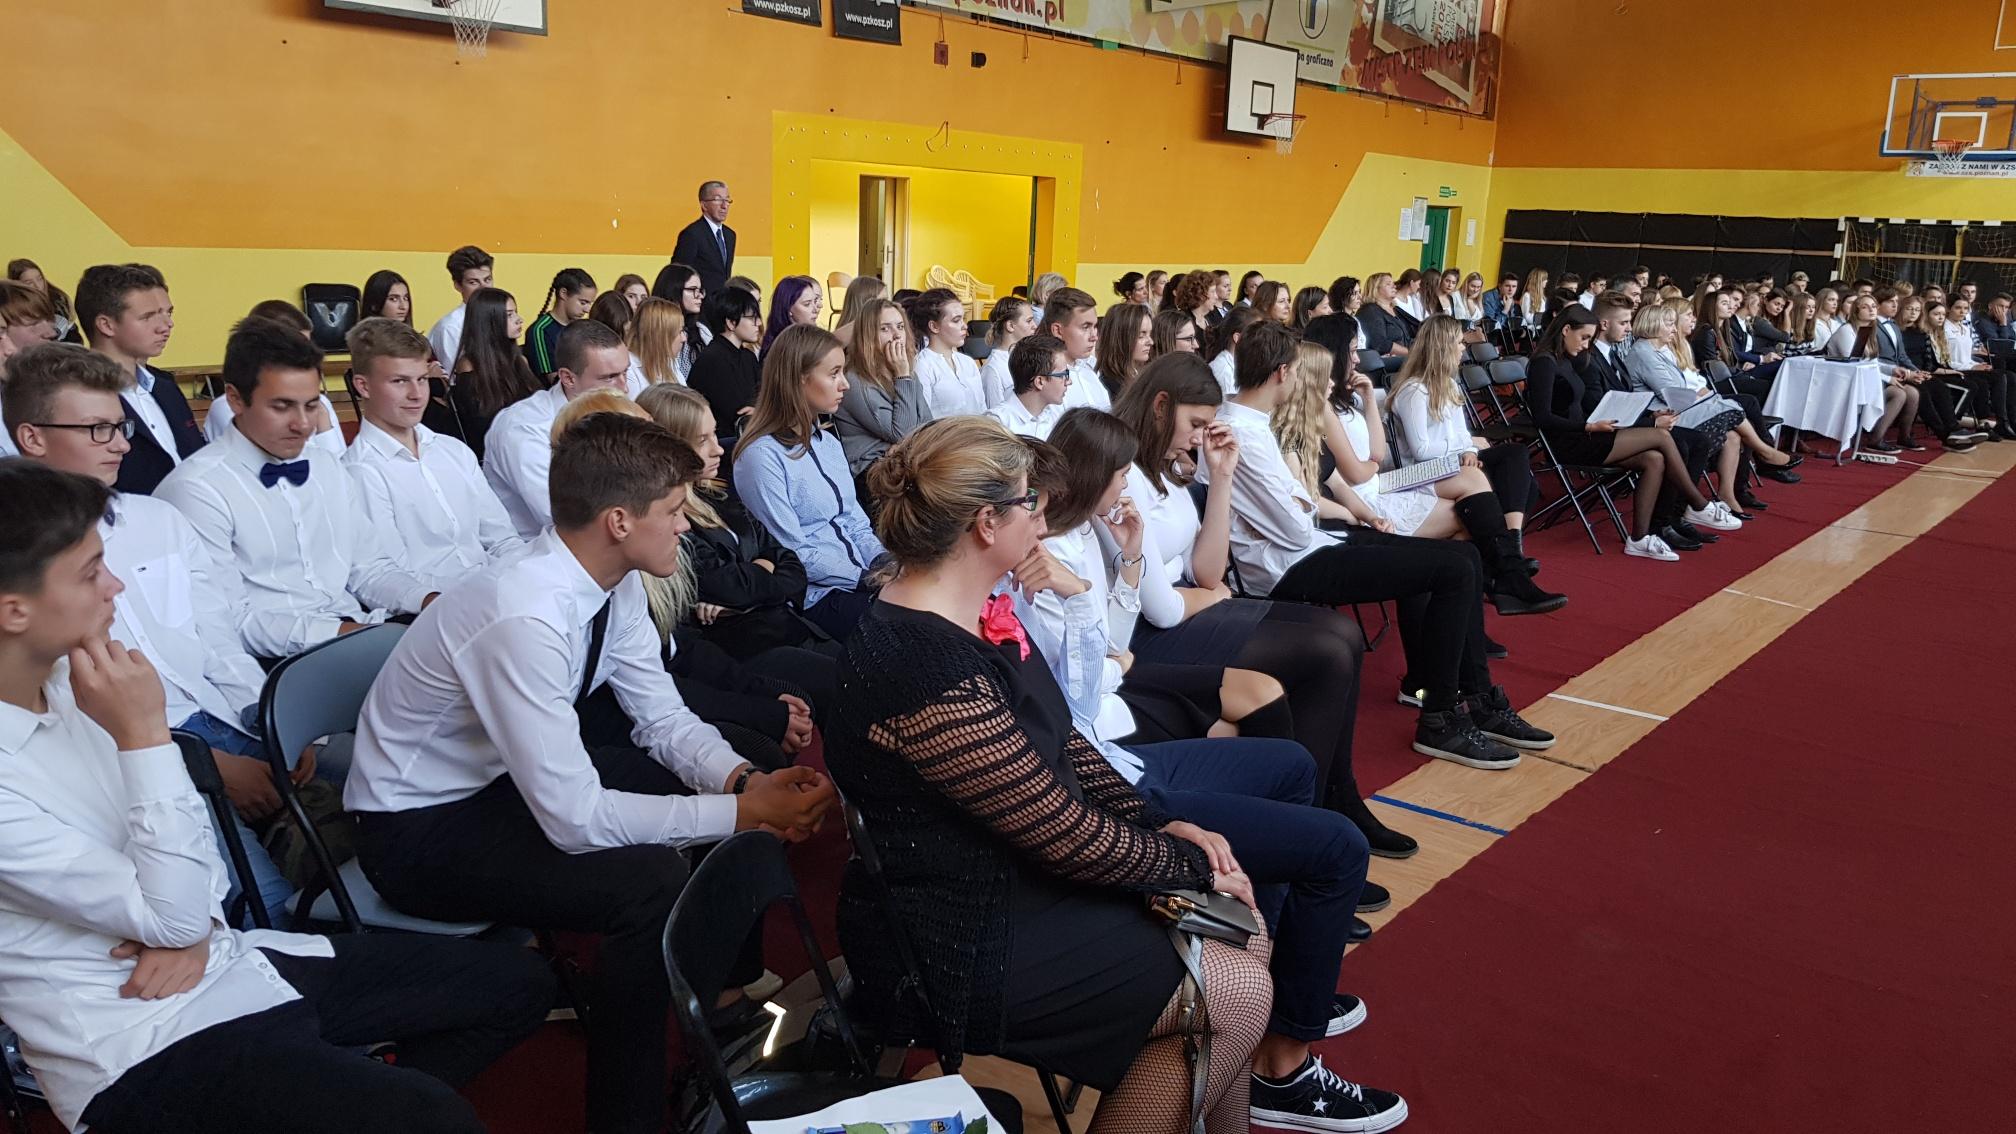 5989c16ea W piątek, 12 października, obchodziliśmy w XX LO Święto Edukacji Narodowej.  Z tej okazji odbyło się u nas Ślubowanie klas I oraz zaprzysiężenie Rady ...